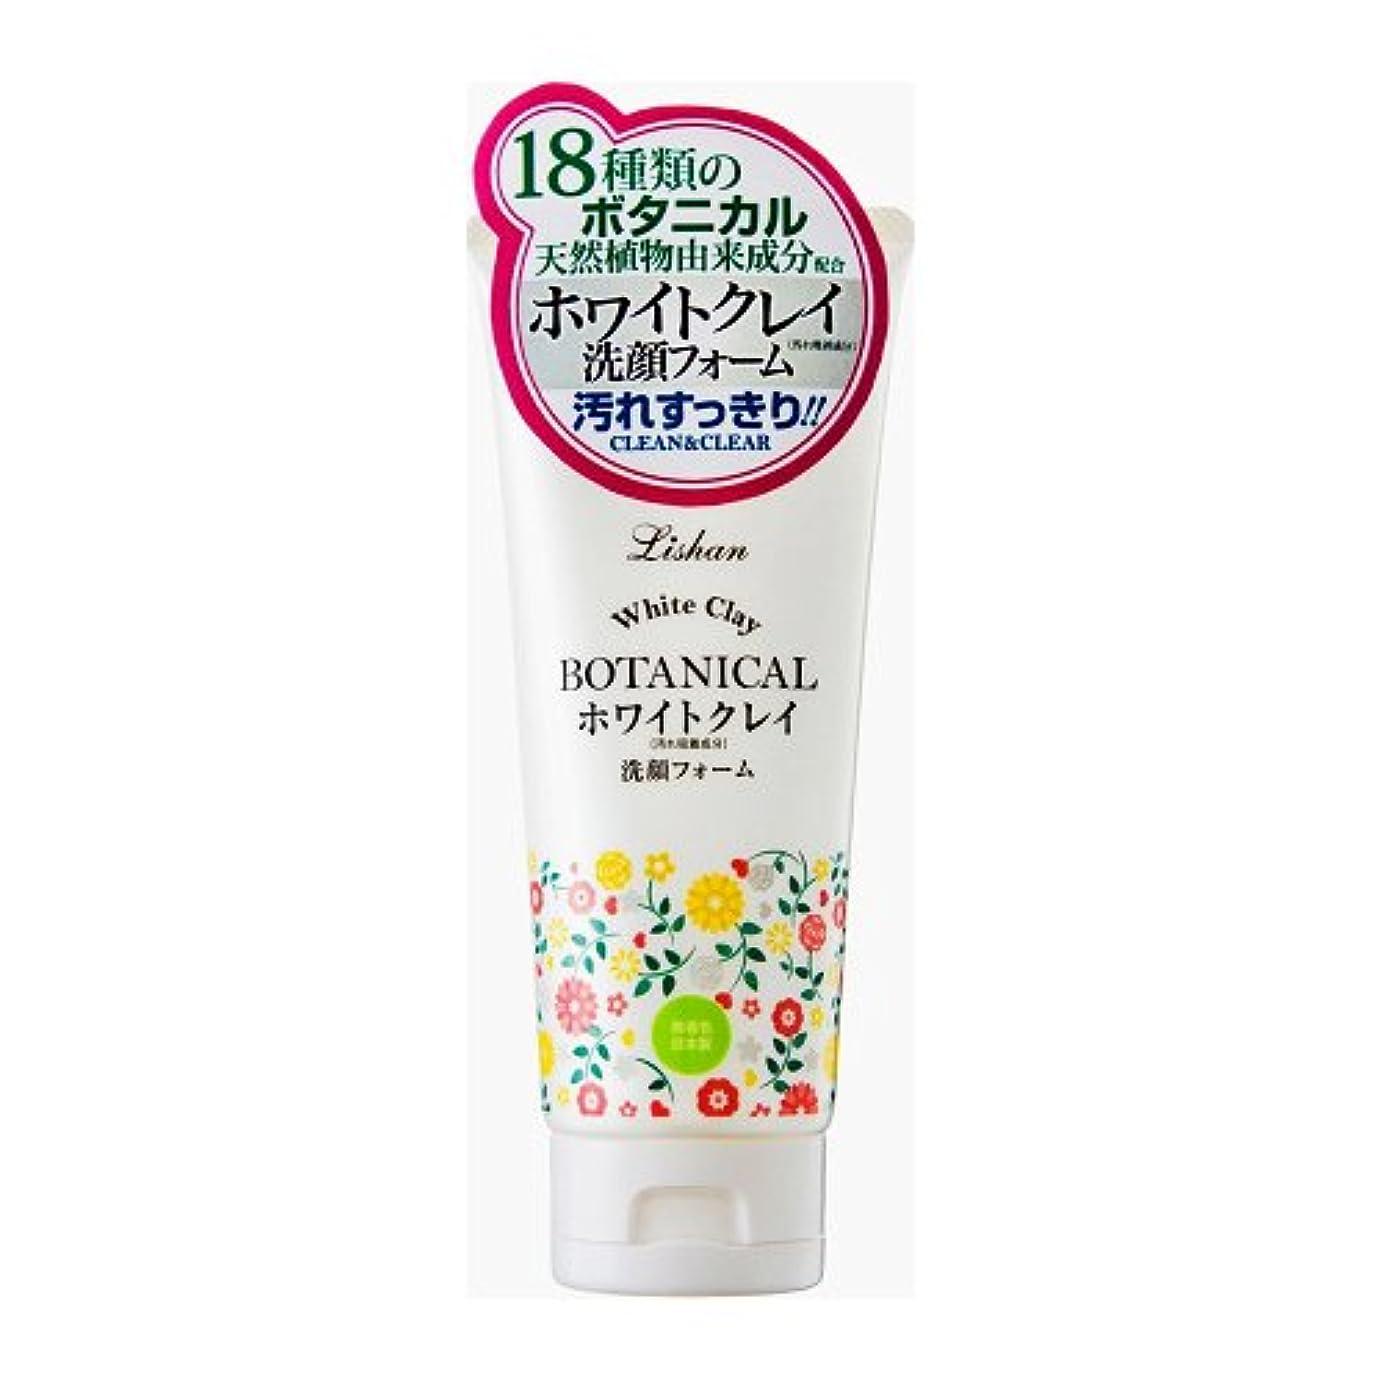 リシャン ホワイトクレイ洗顔フォーム (フレッシュハーブの香り) (130g)